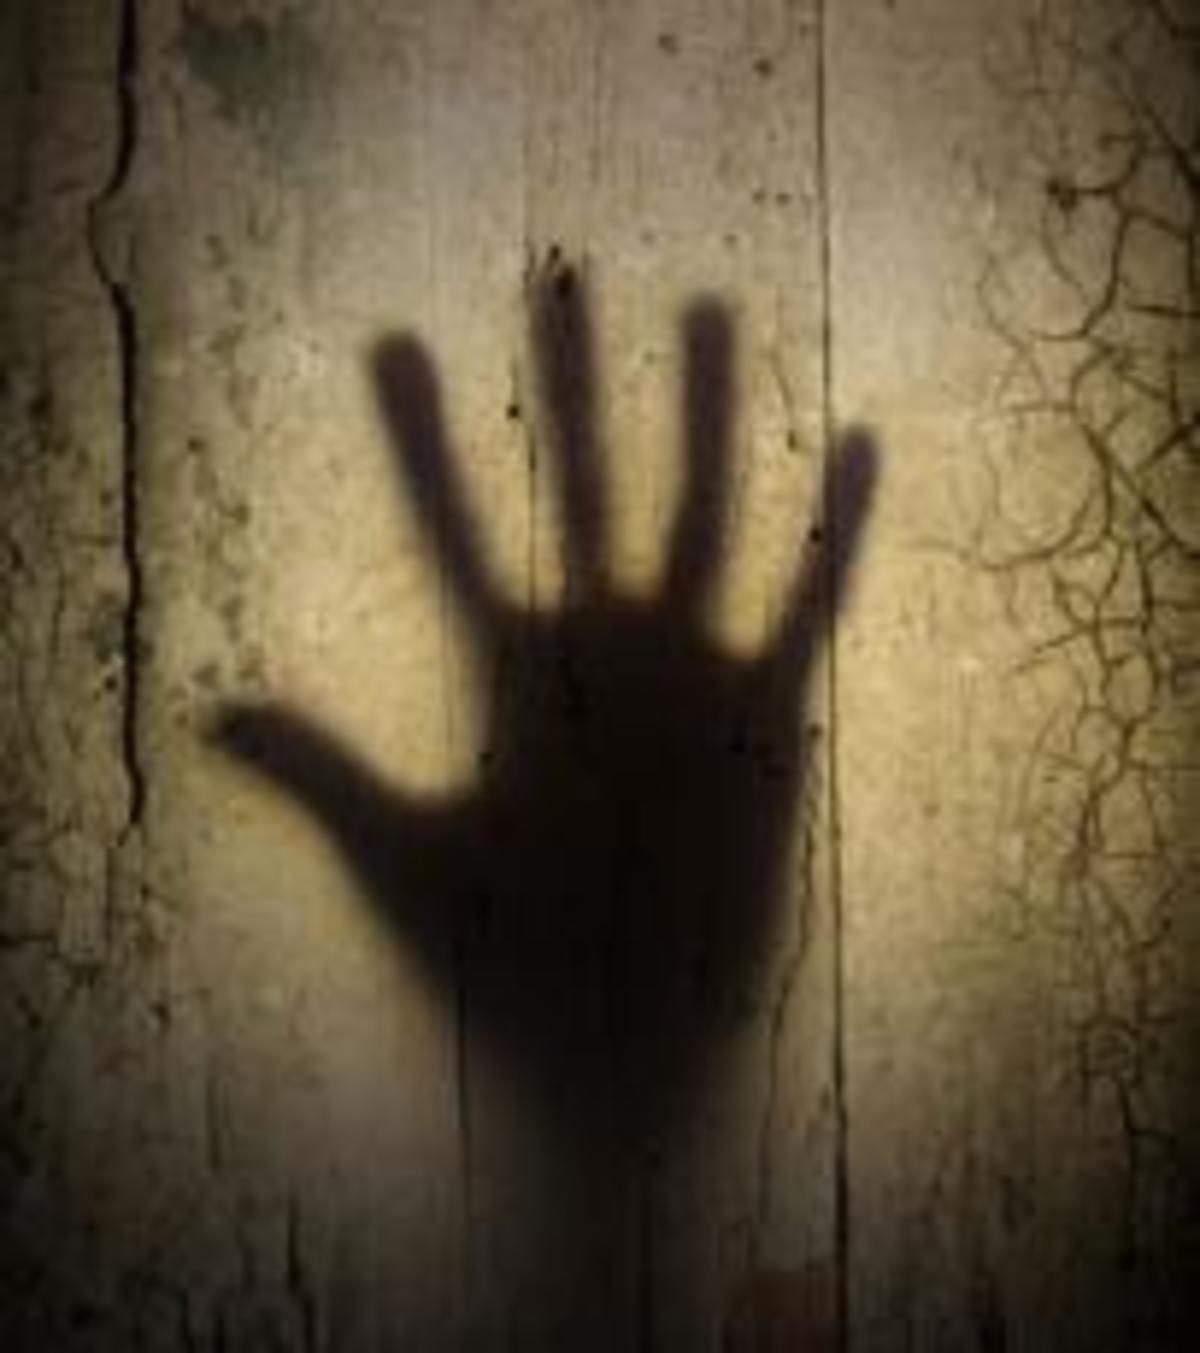 Λάρισα: «Με βίασαν στο ίδιο μου το σπίτι» | Newsit.gr